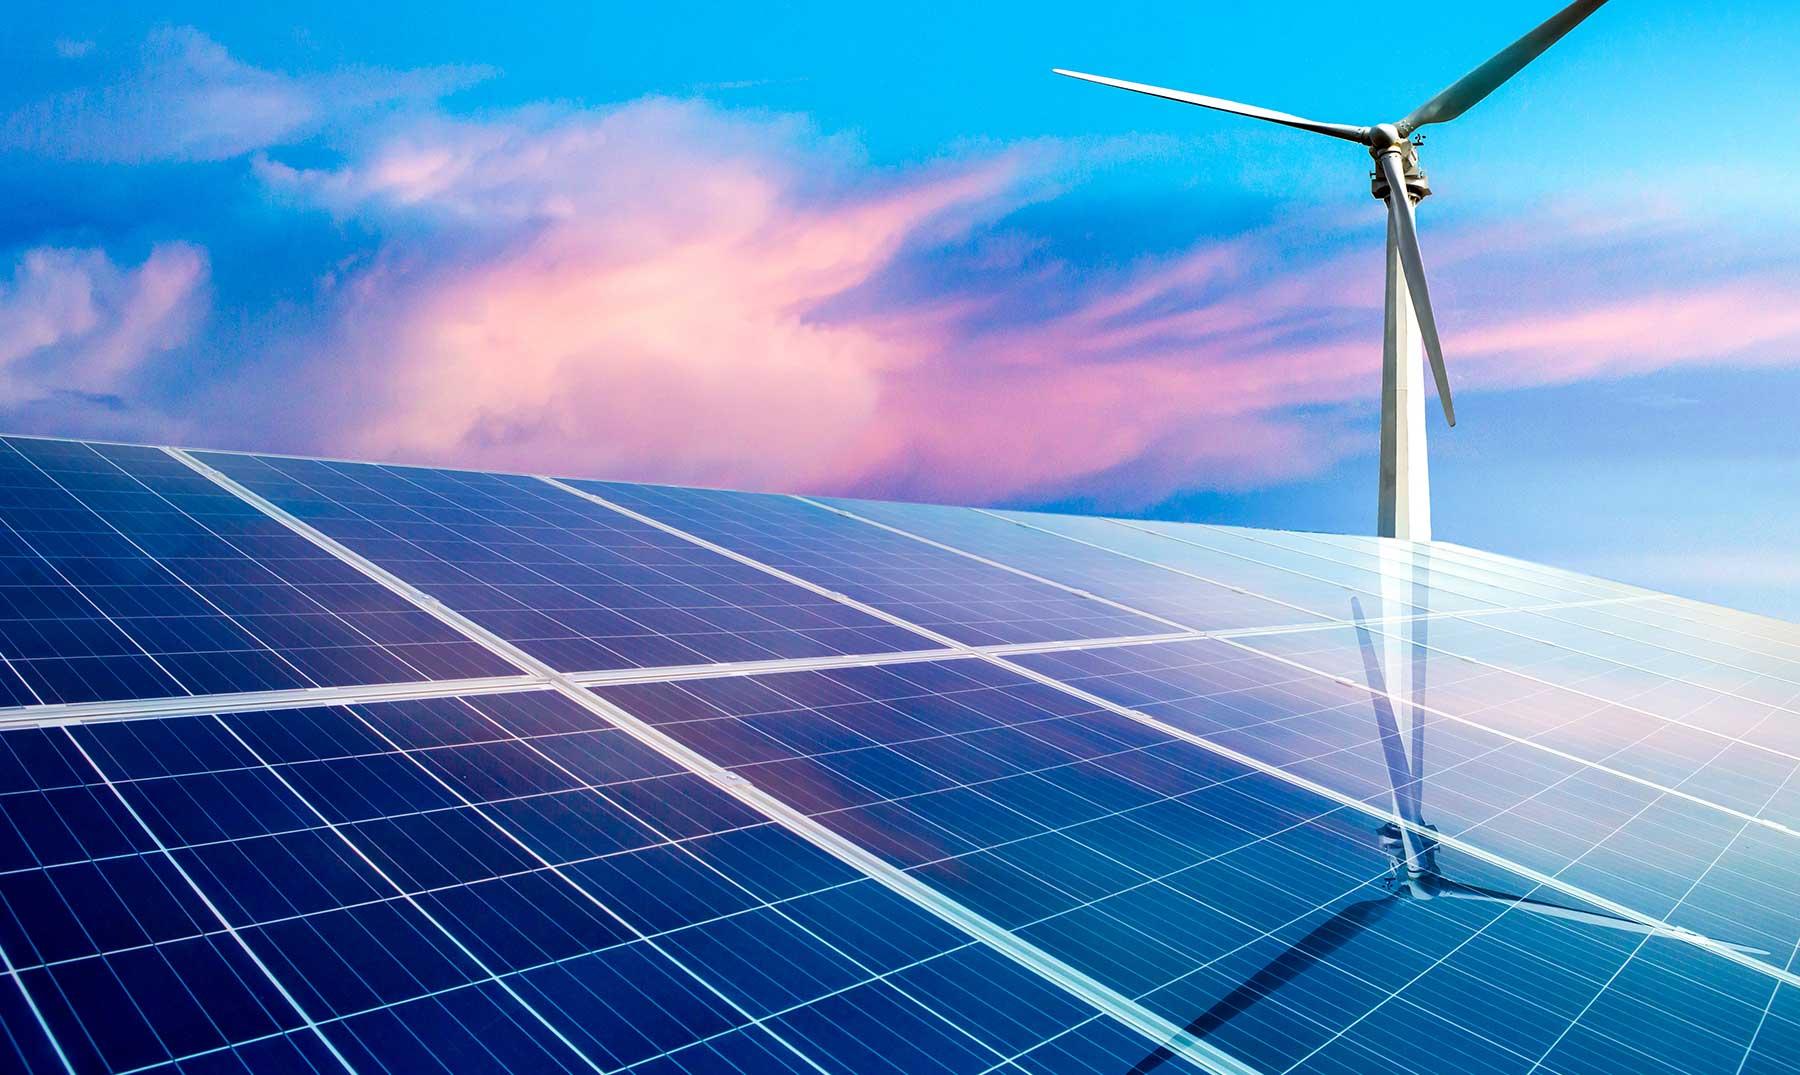 Ventajas Y Desventajas De Las Energías Renovables Ecologia Util